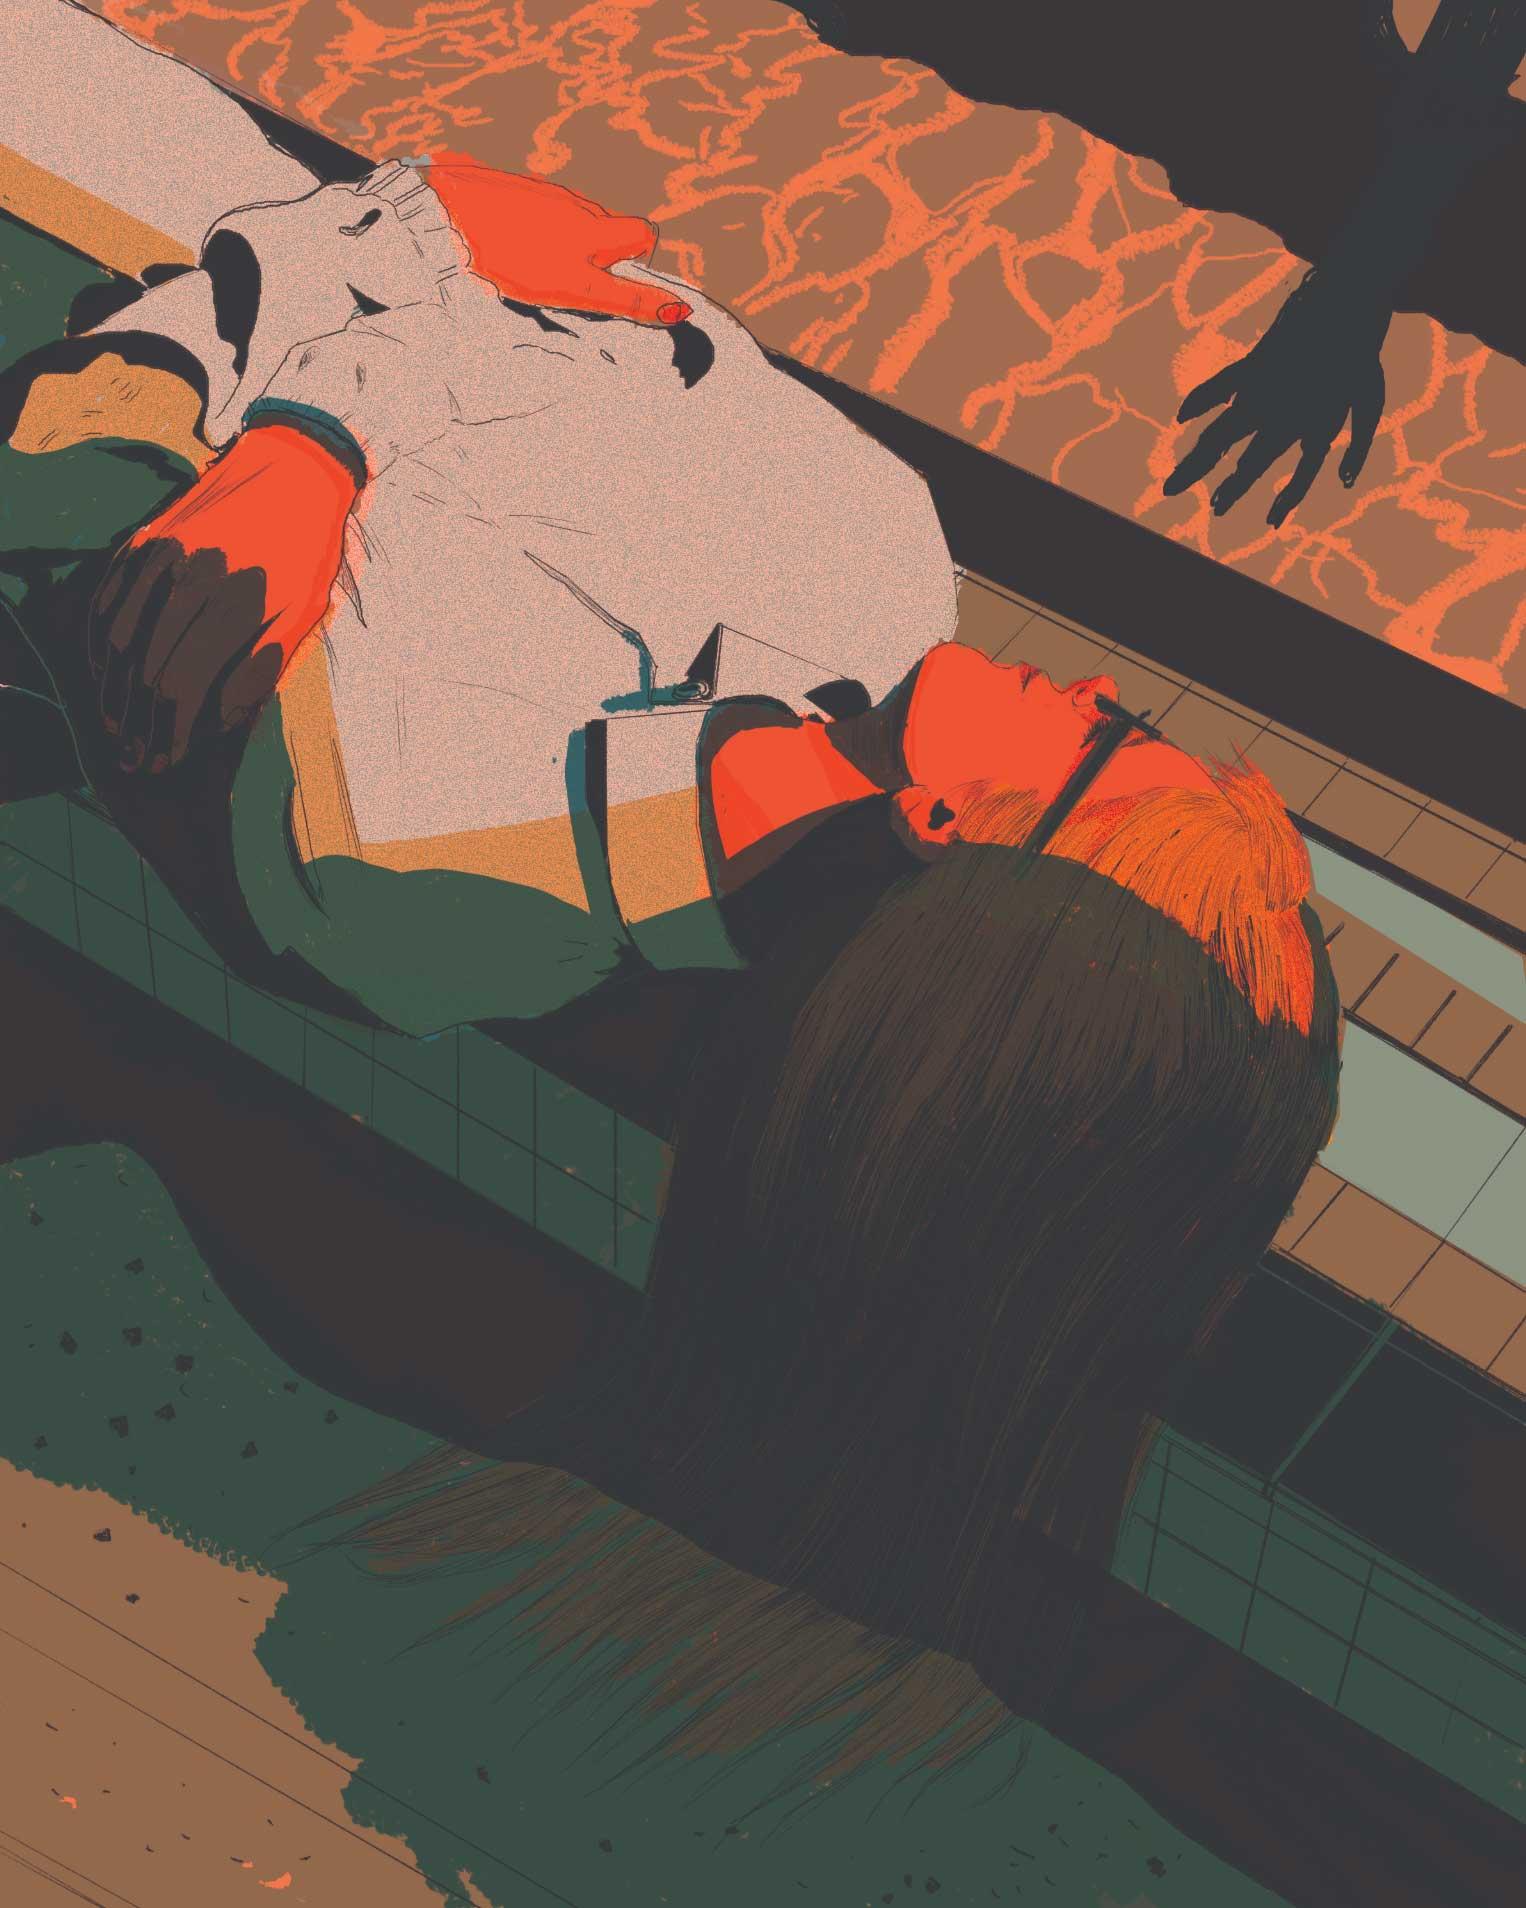 Illustration: Nicole Rifkin Nicole-Rifkin-illustration_05